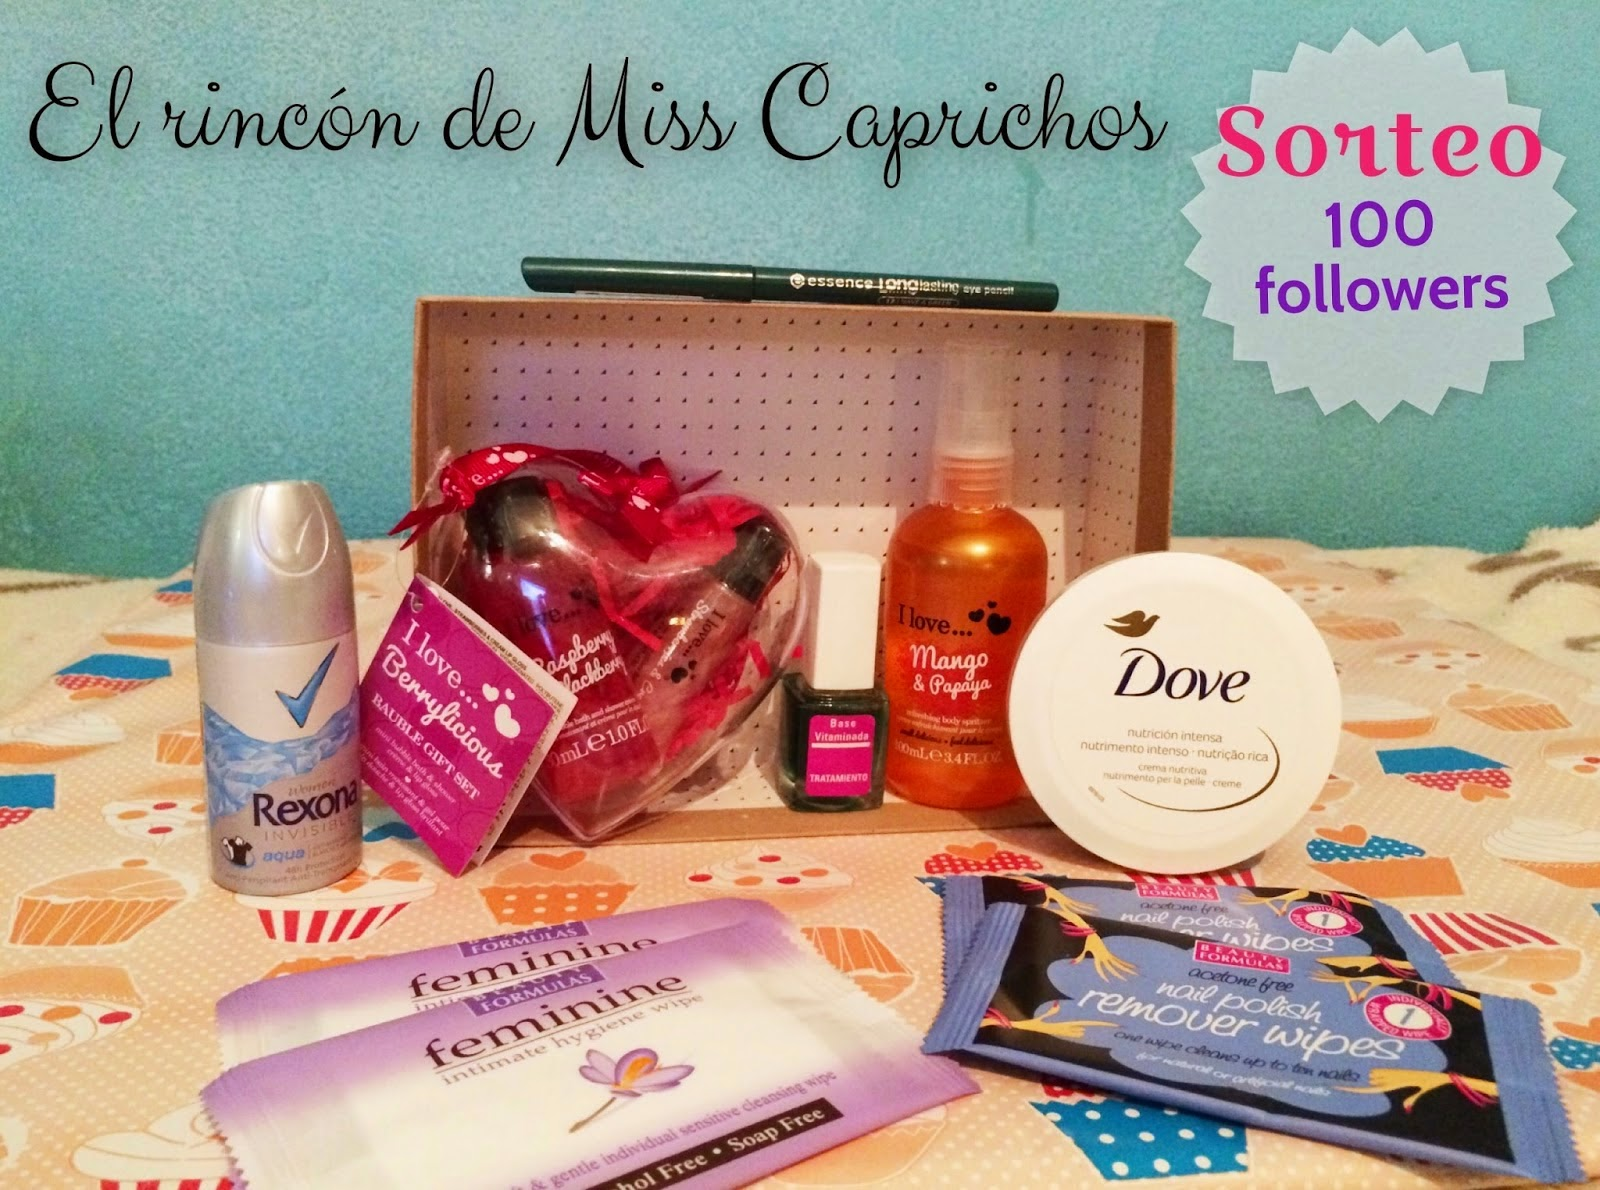 http://elrincondemisscaprichos.blogspot.com.es/2015/03/sorteo-100-seguidores.html